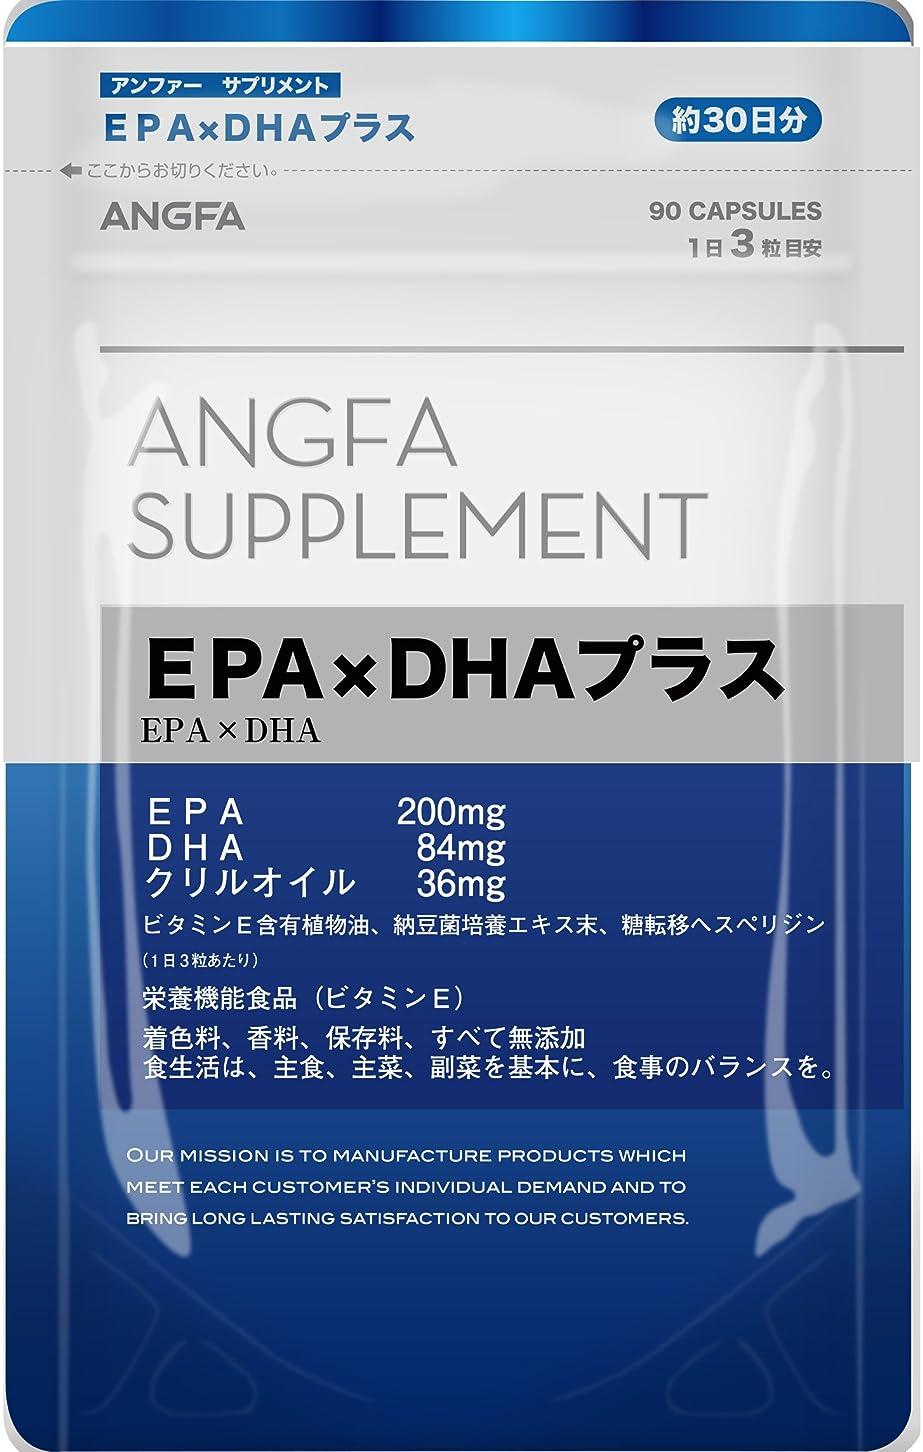 アブストラクトシビックダイアクリティカルアンファー (ANGFA) サプリメント EPA × DHA プラス 90粒